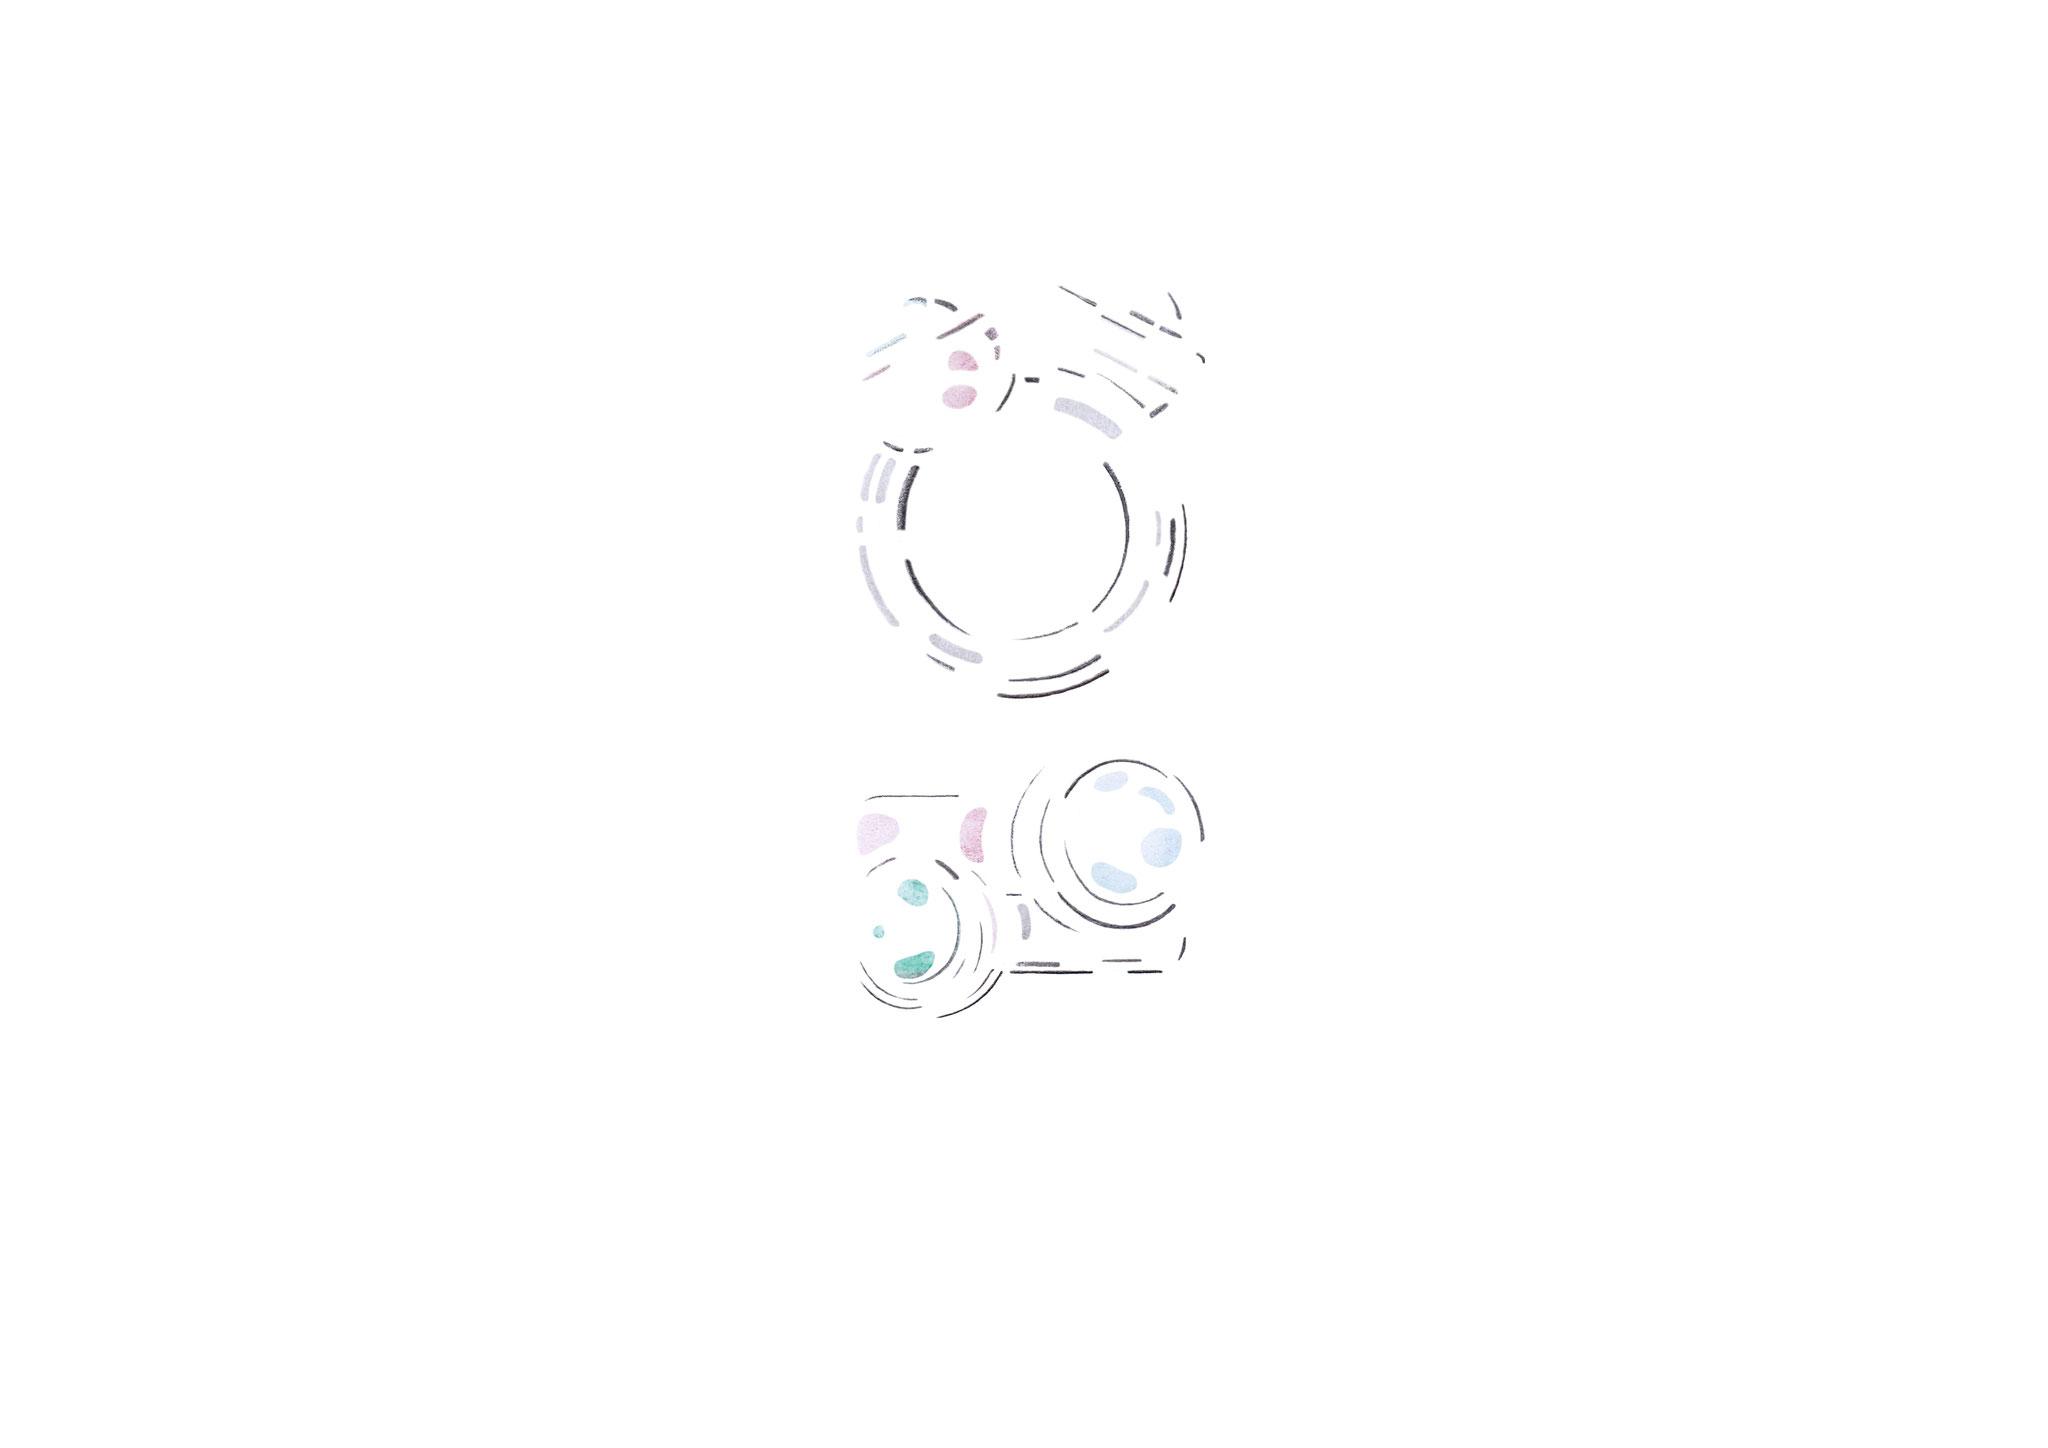 Verfolgen Sie wie unsere neue Schmucklinie Kugelkollektion entsteht  -  Skizze Nr. 3 / 14